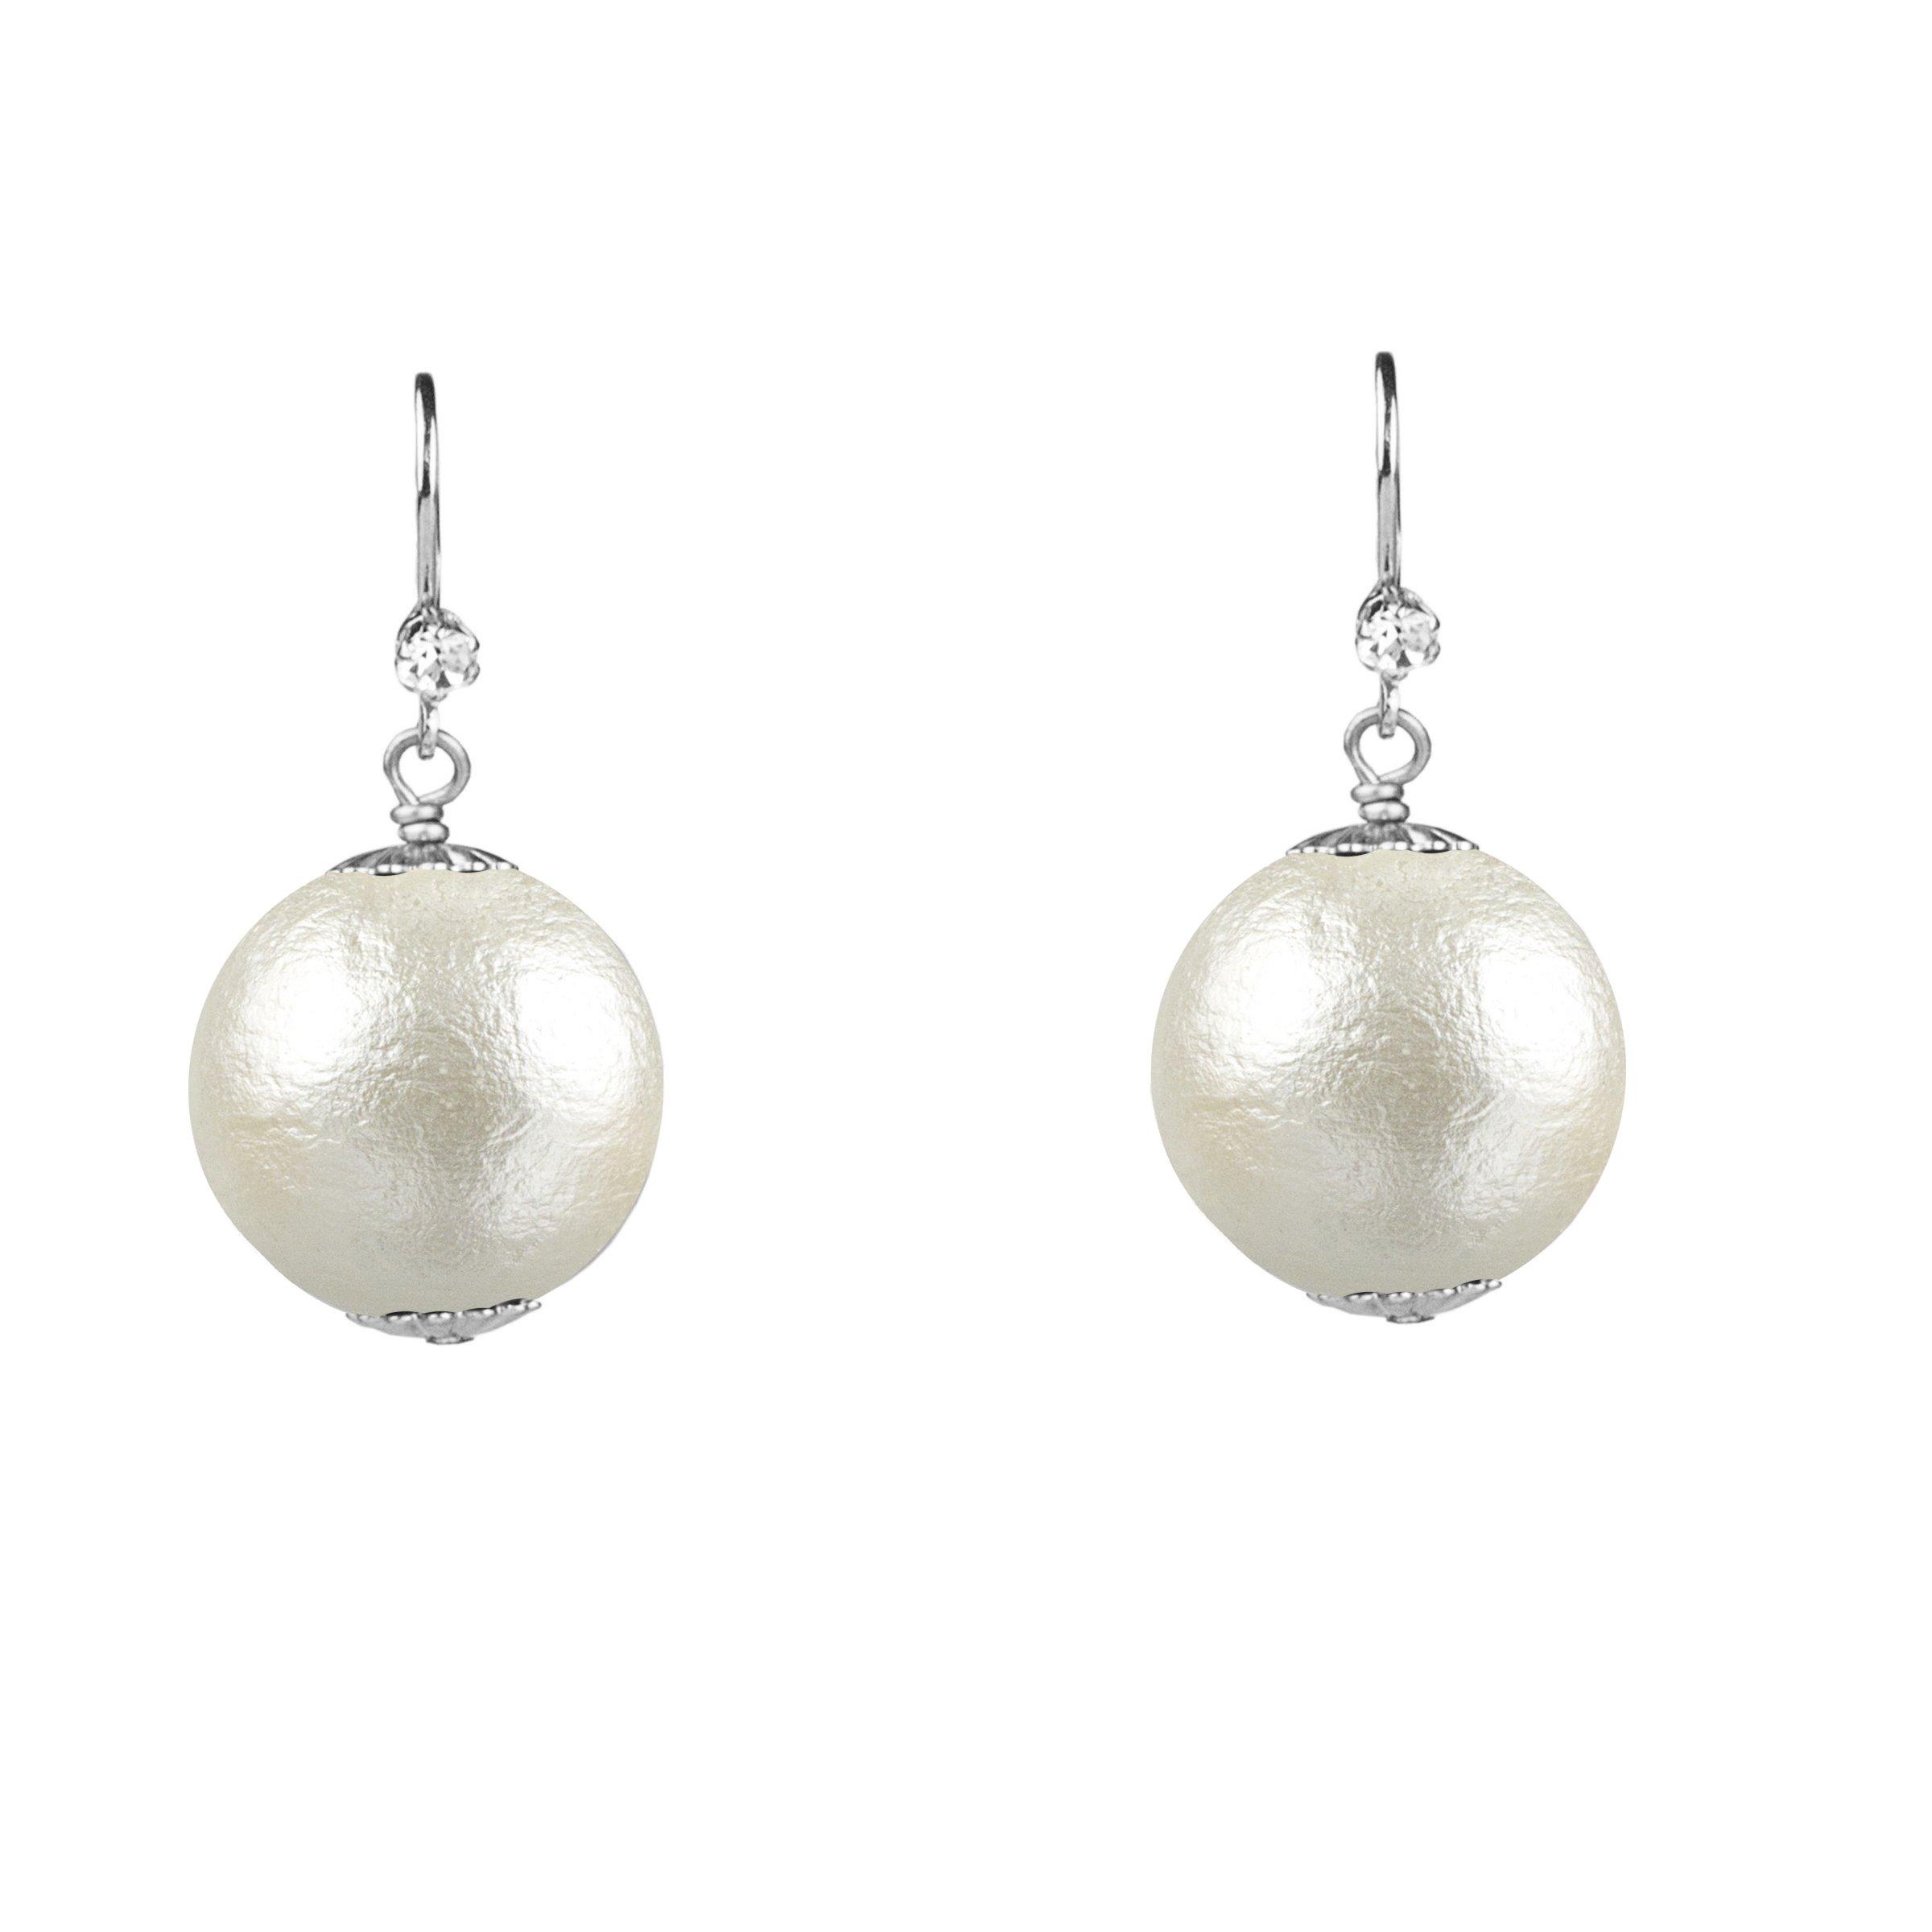 John Wind, 20mm Cotton Pearl Earrings, Silver